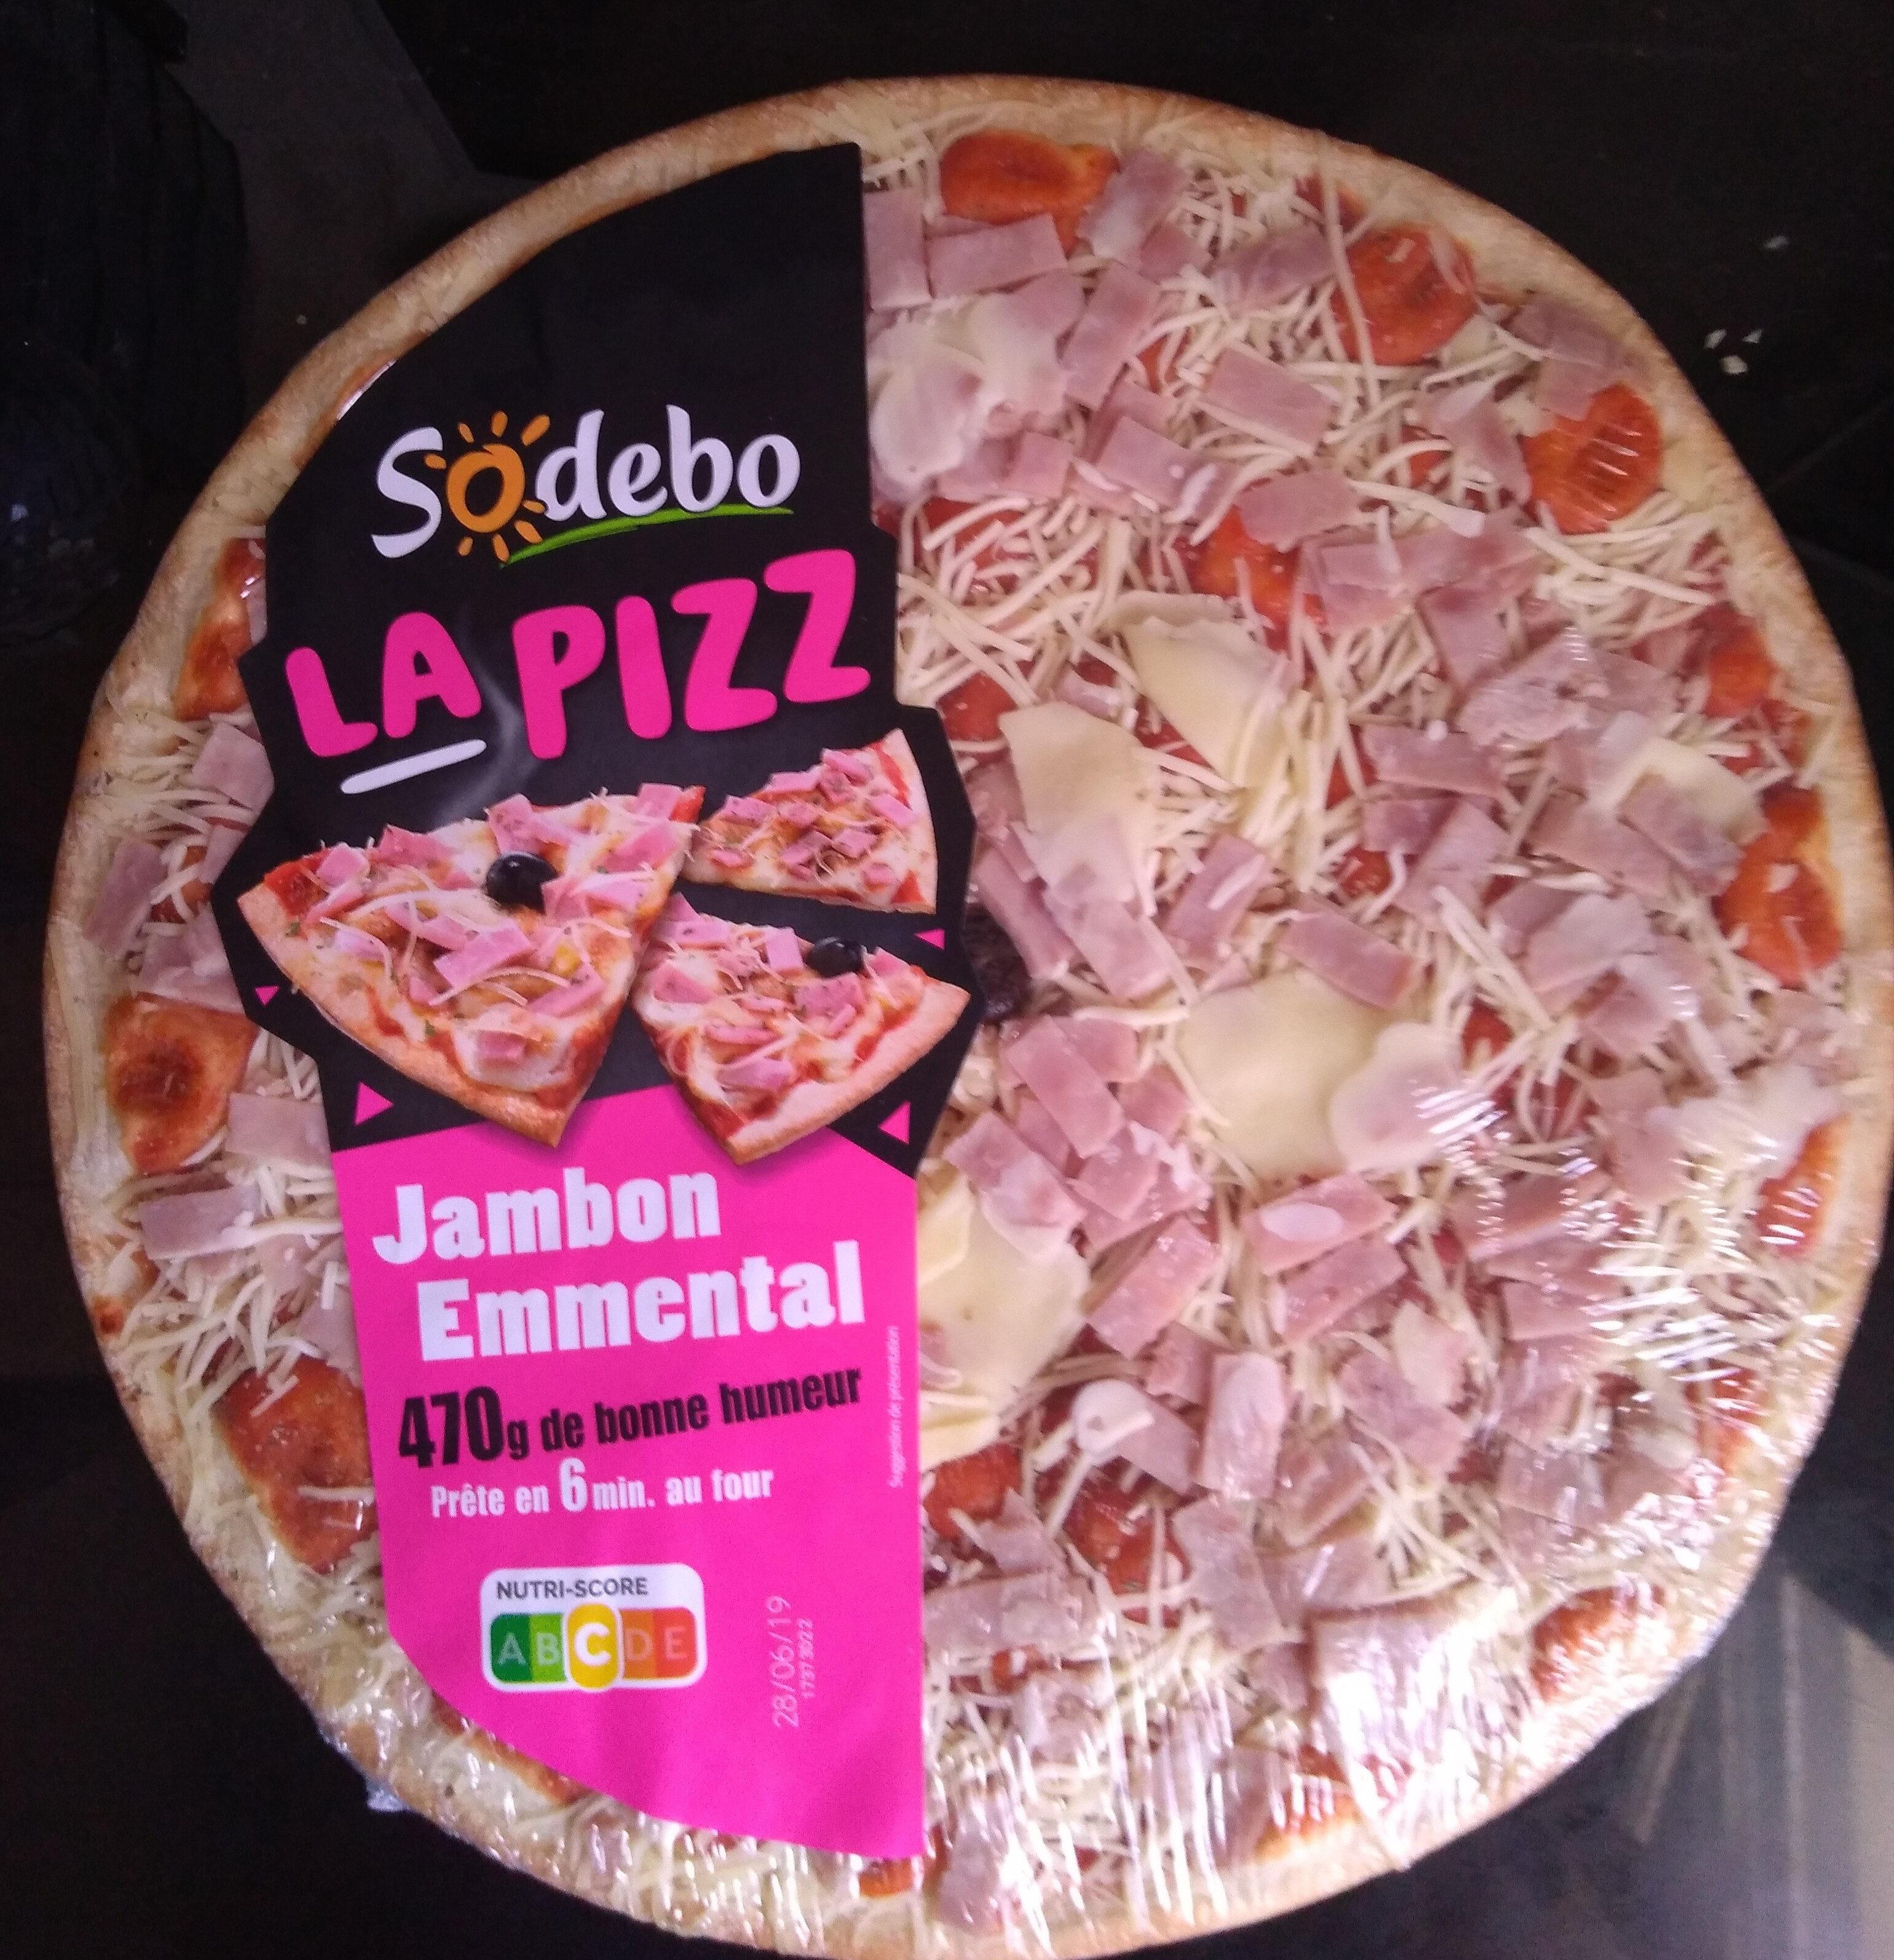 La Pizz - Jambon Emmental - Product